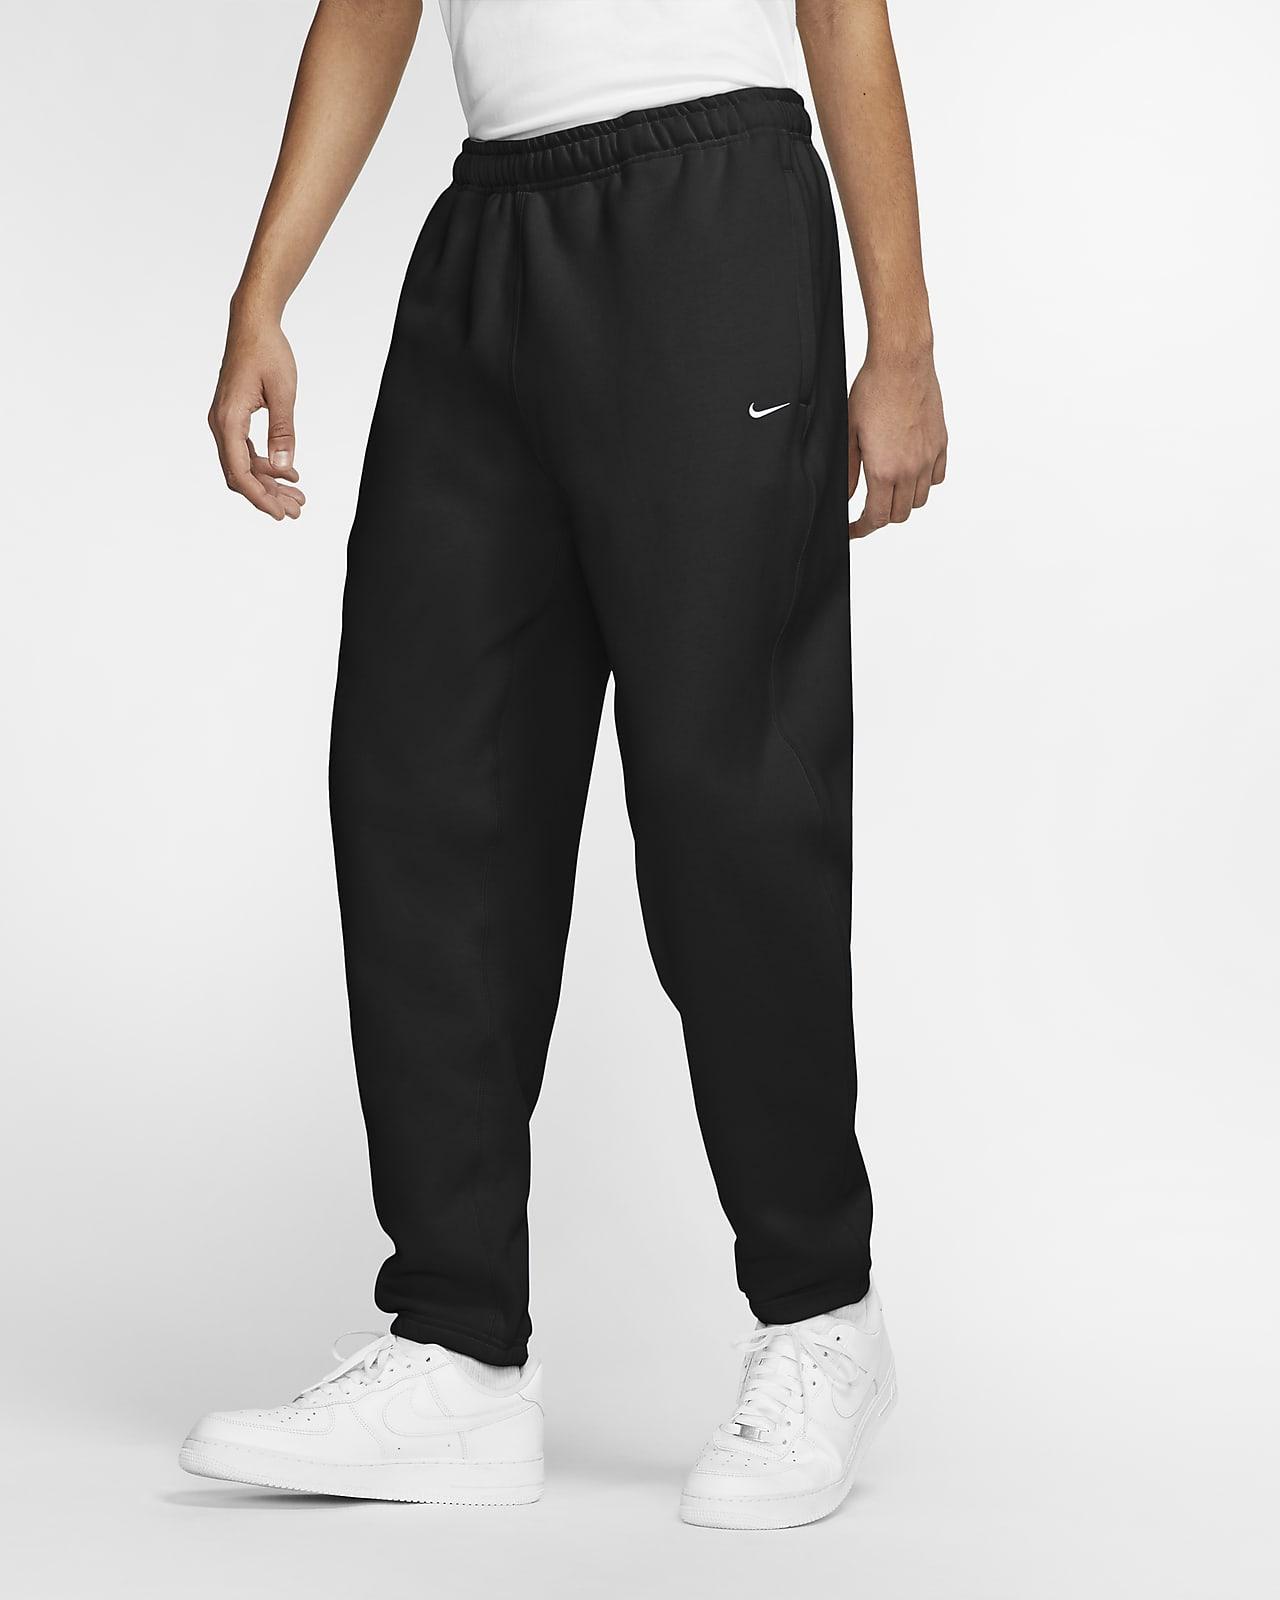 Pantalon en tissu Fleece NikeLab